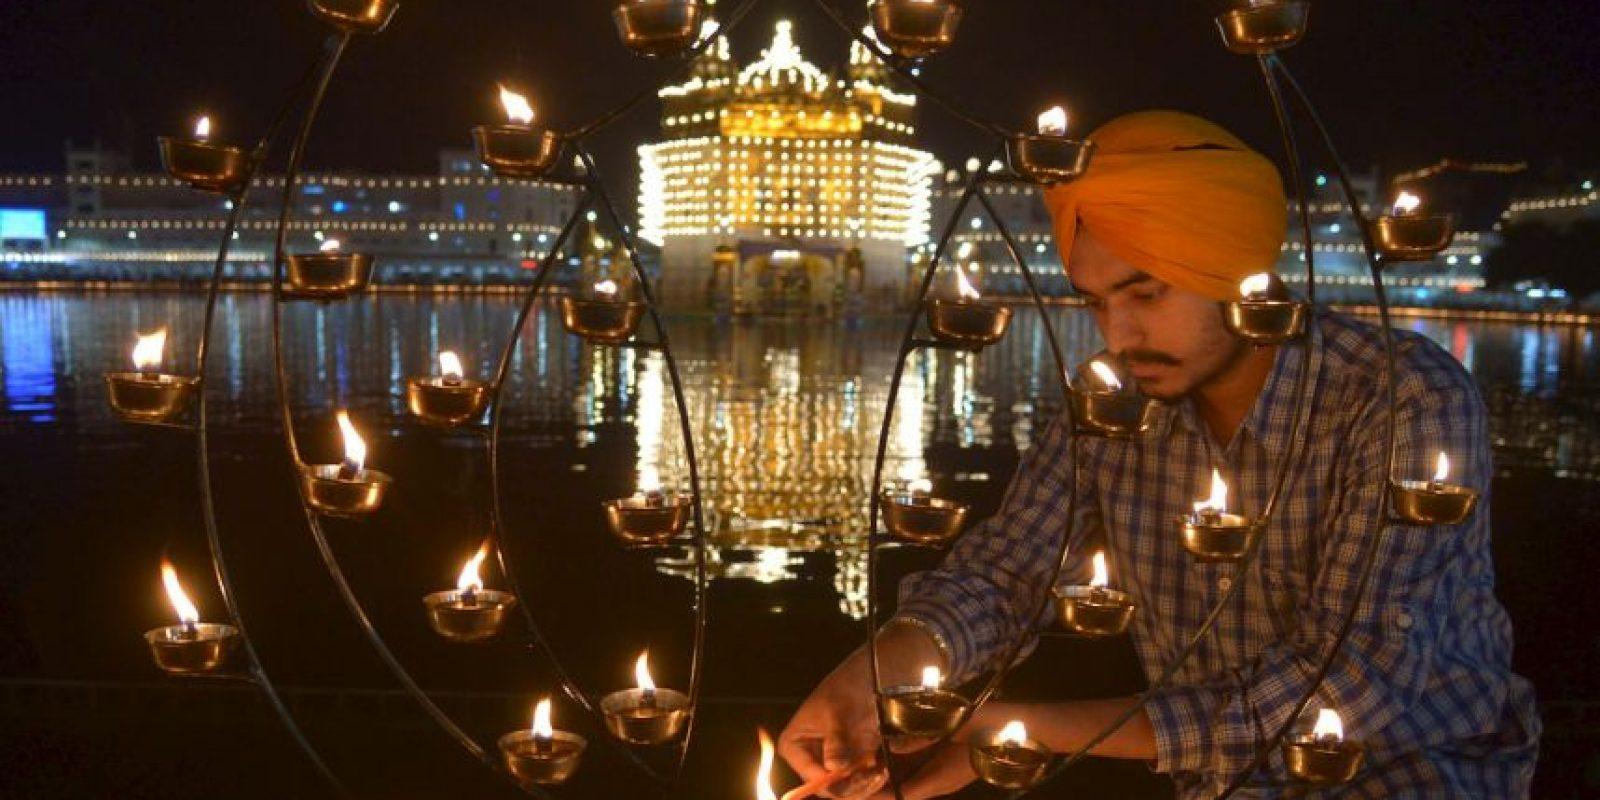 Devoto indio enciende velas prestando respetos en el Templo Dorado de Amritsar. Foto:AFP